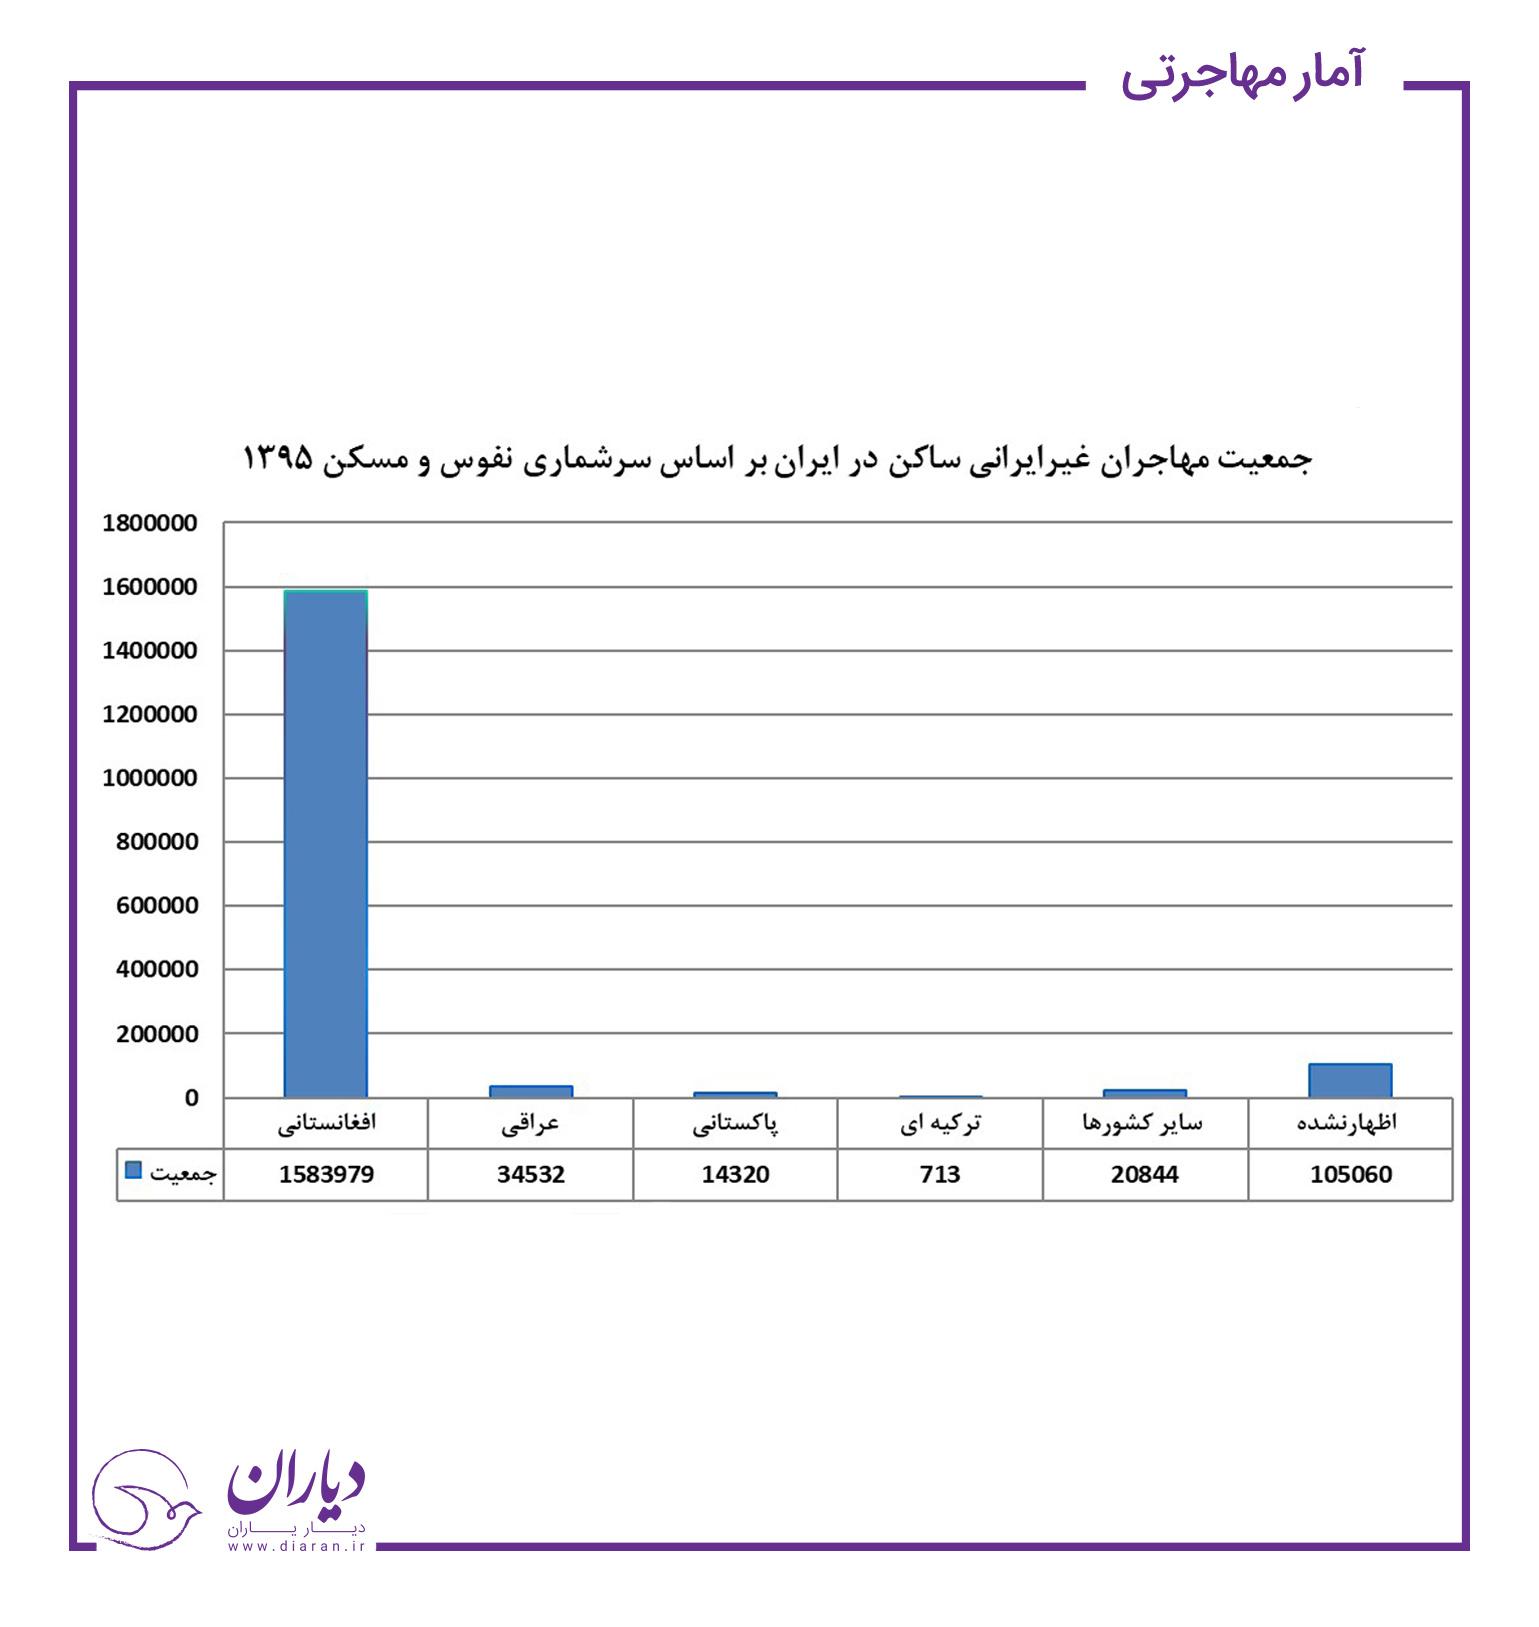 زنان مهاجر حاضر در ایران